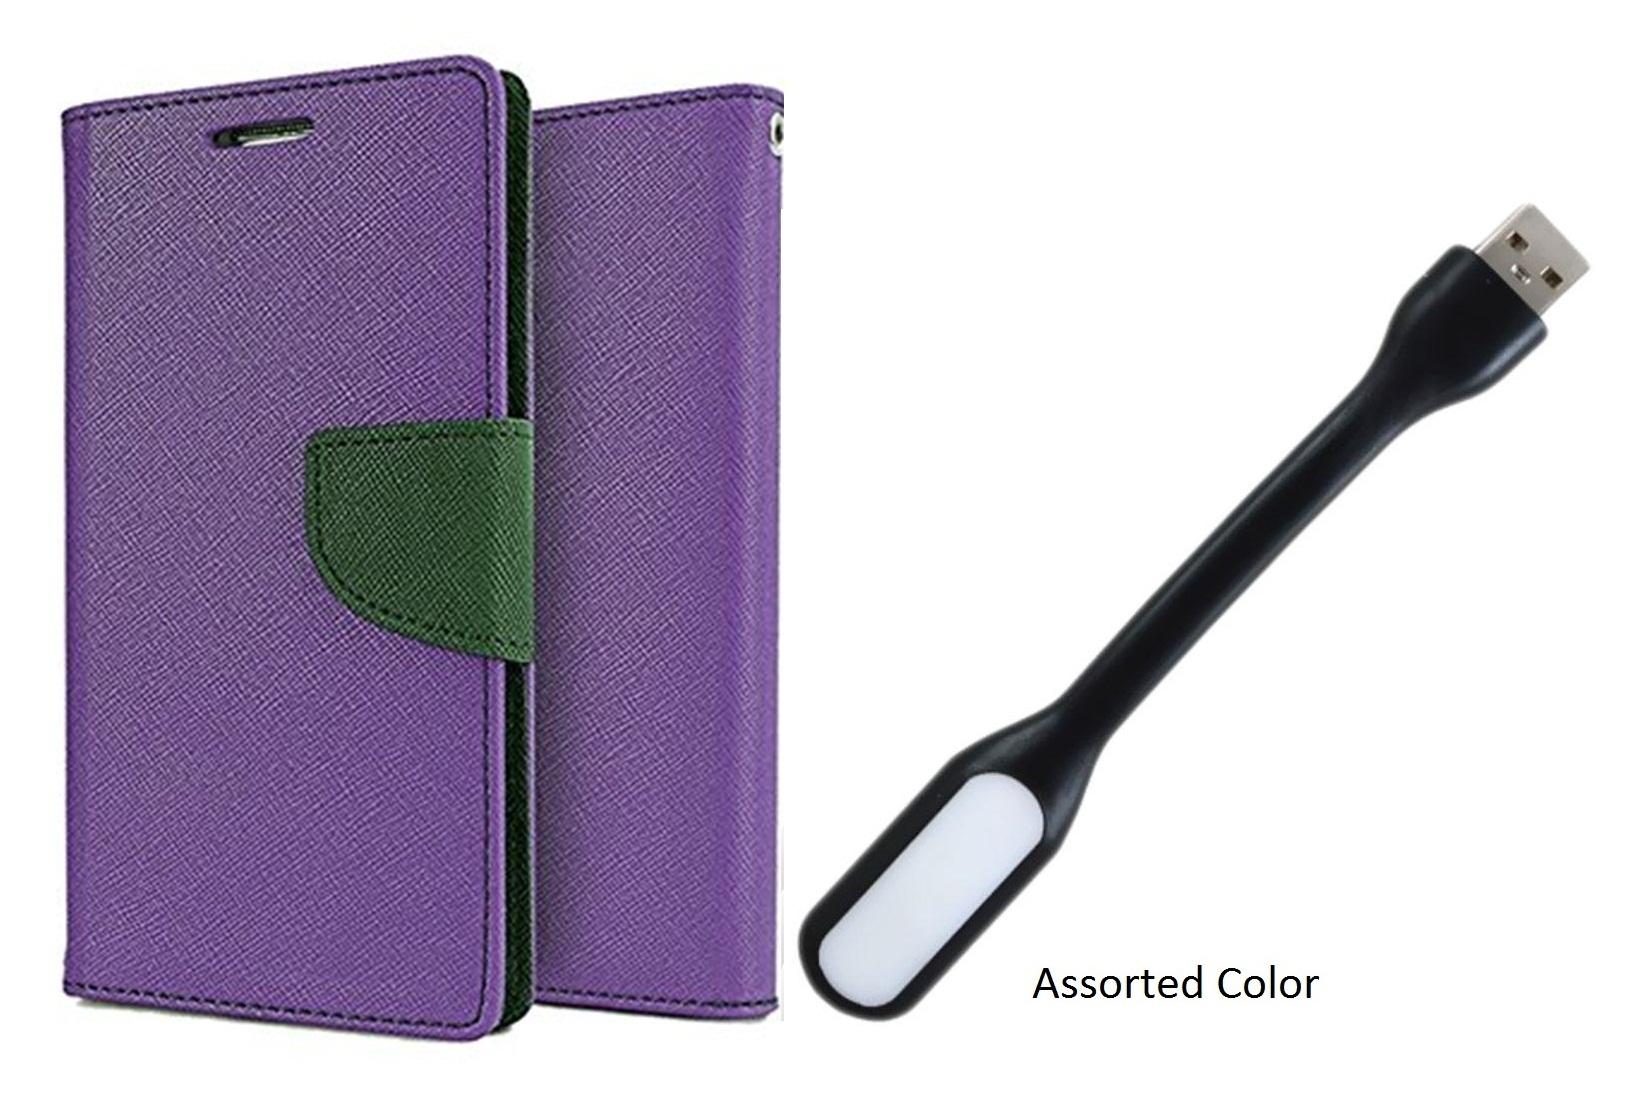 Flip Back Cover For Motorola Moto E3 Power / Moto E3 Power   PURPLE   With Usb Light